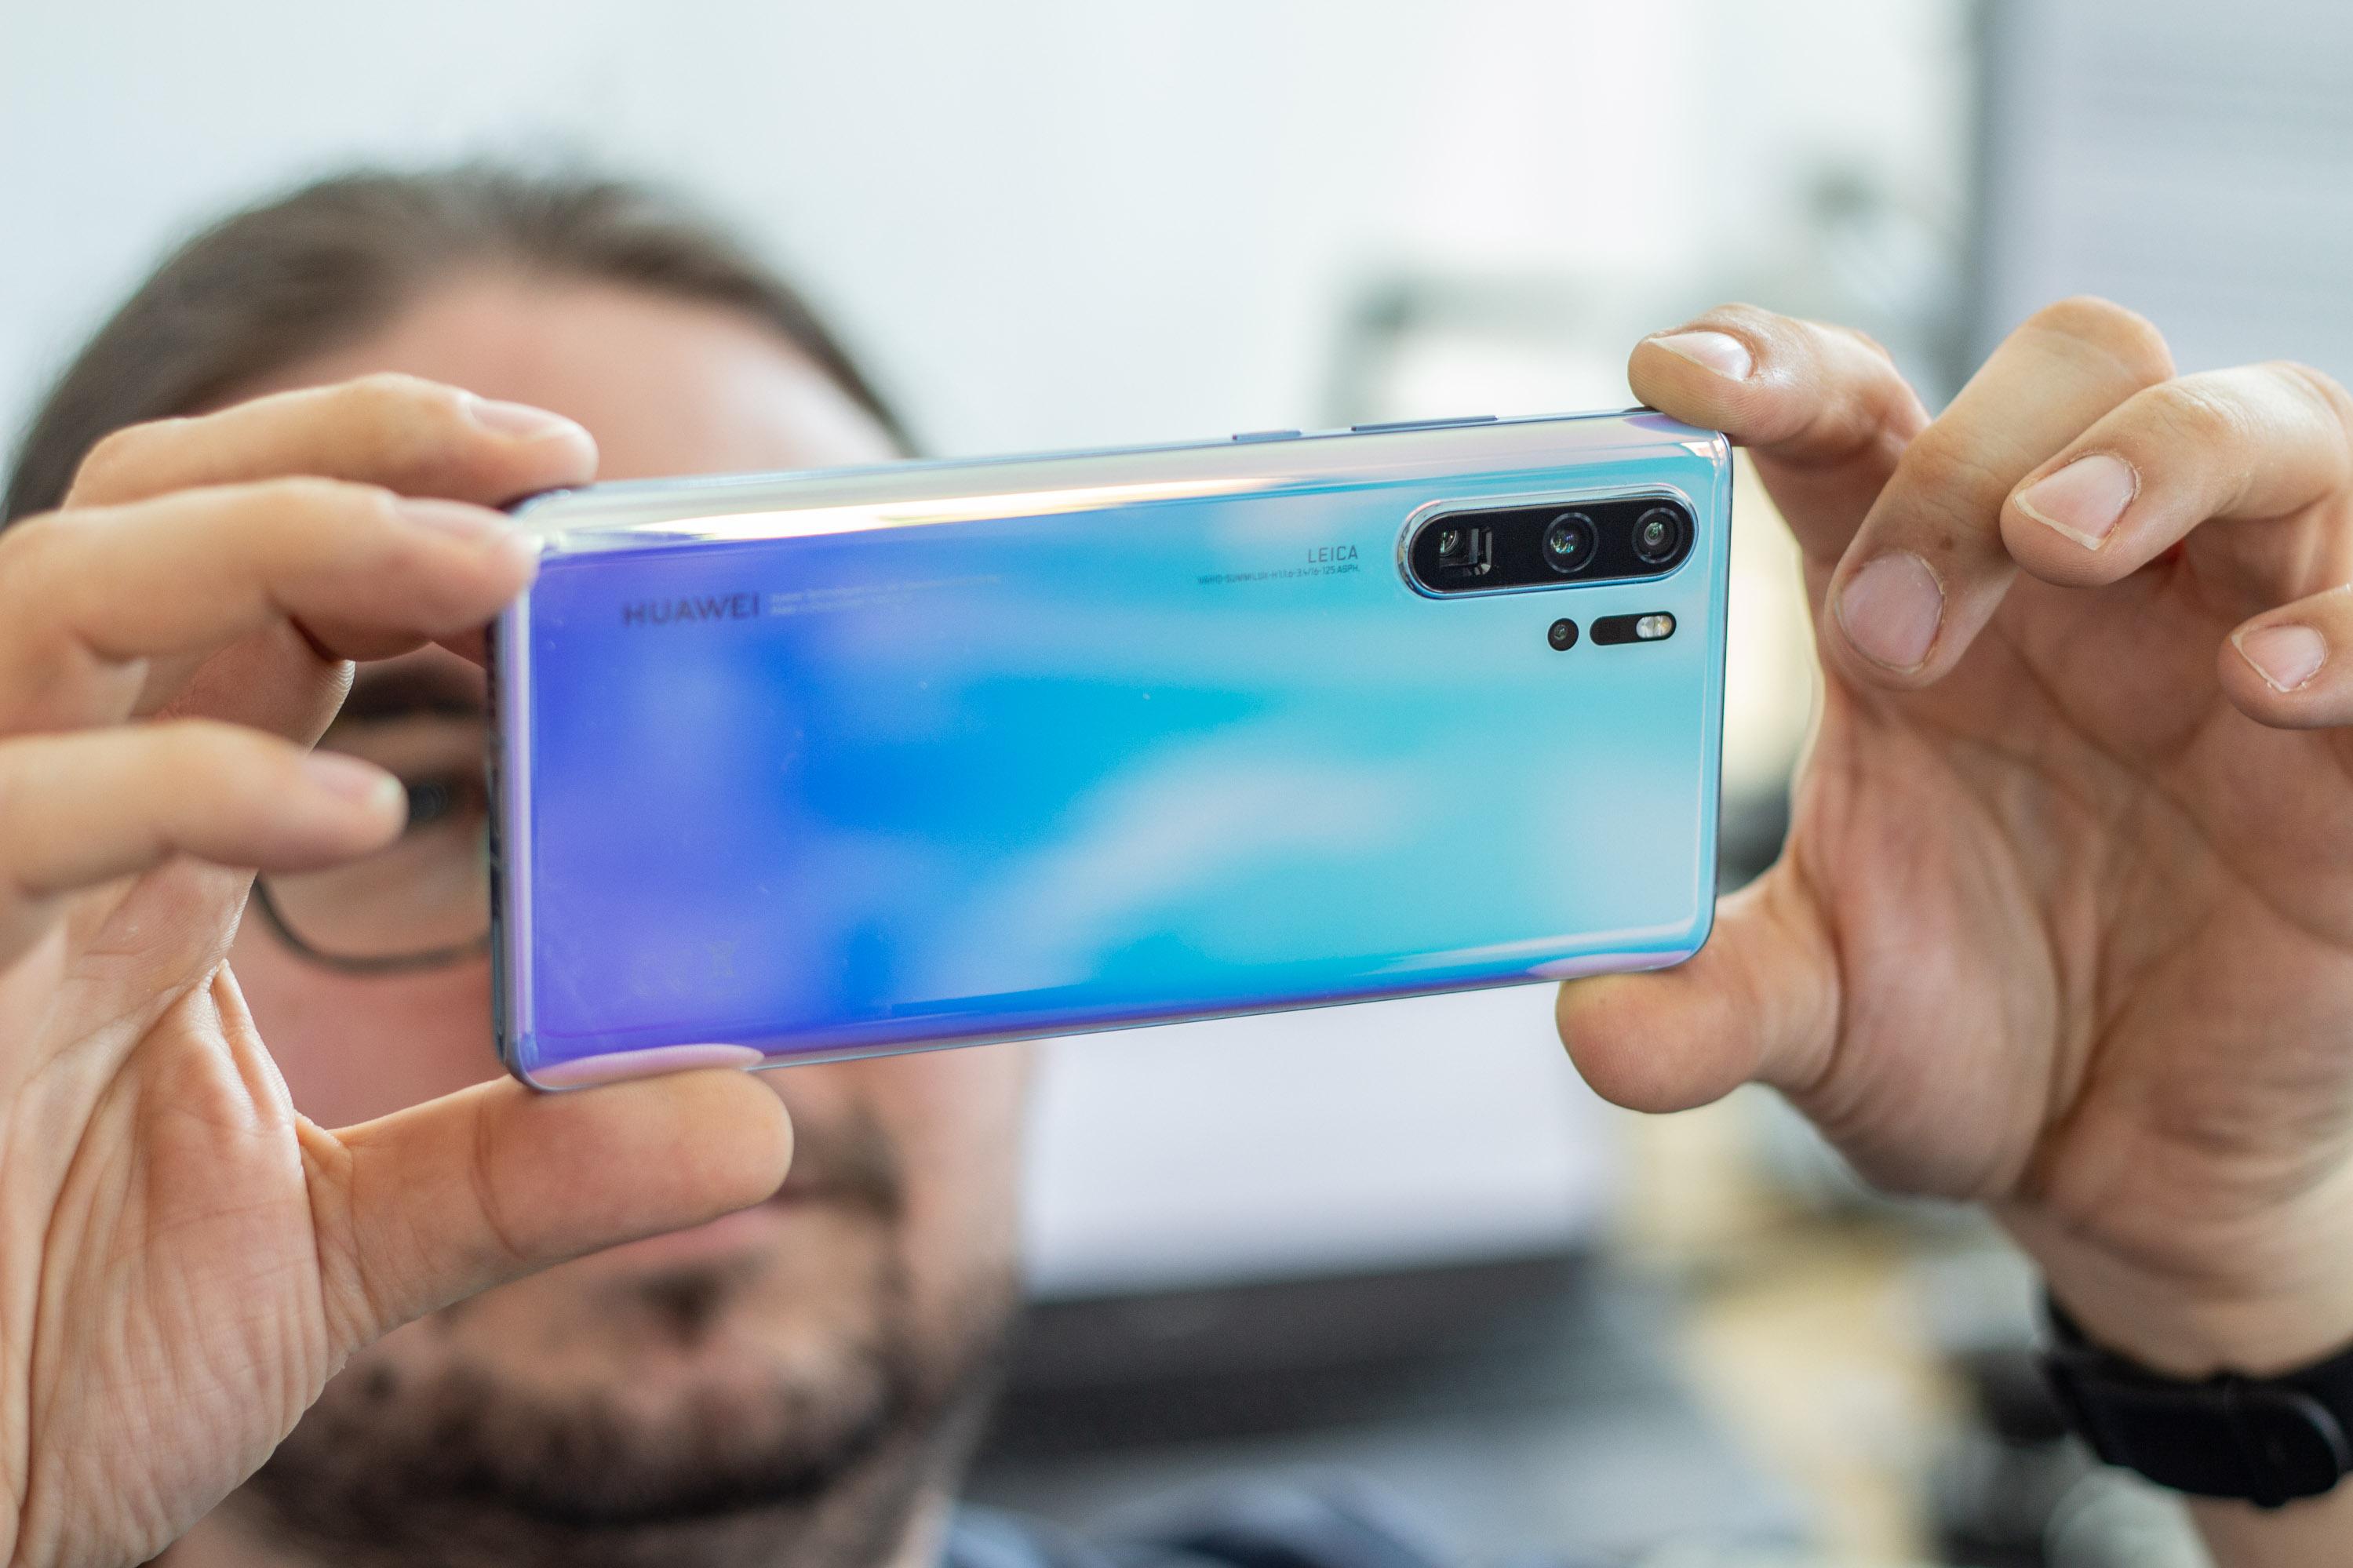 P30 Pro im Kameratest: Huawei baut die vielseitigste Smartphone-Kamera - Beim P30 Pro hat Huawei wieder viel Wert auf die Kameraausstattung gelegt. (Bild: Martin Wolf/Golem.de)